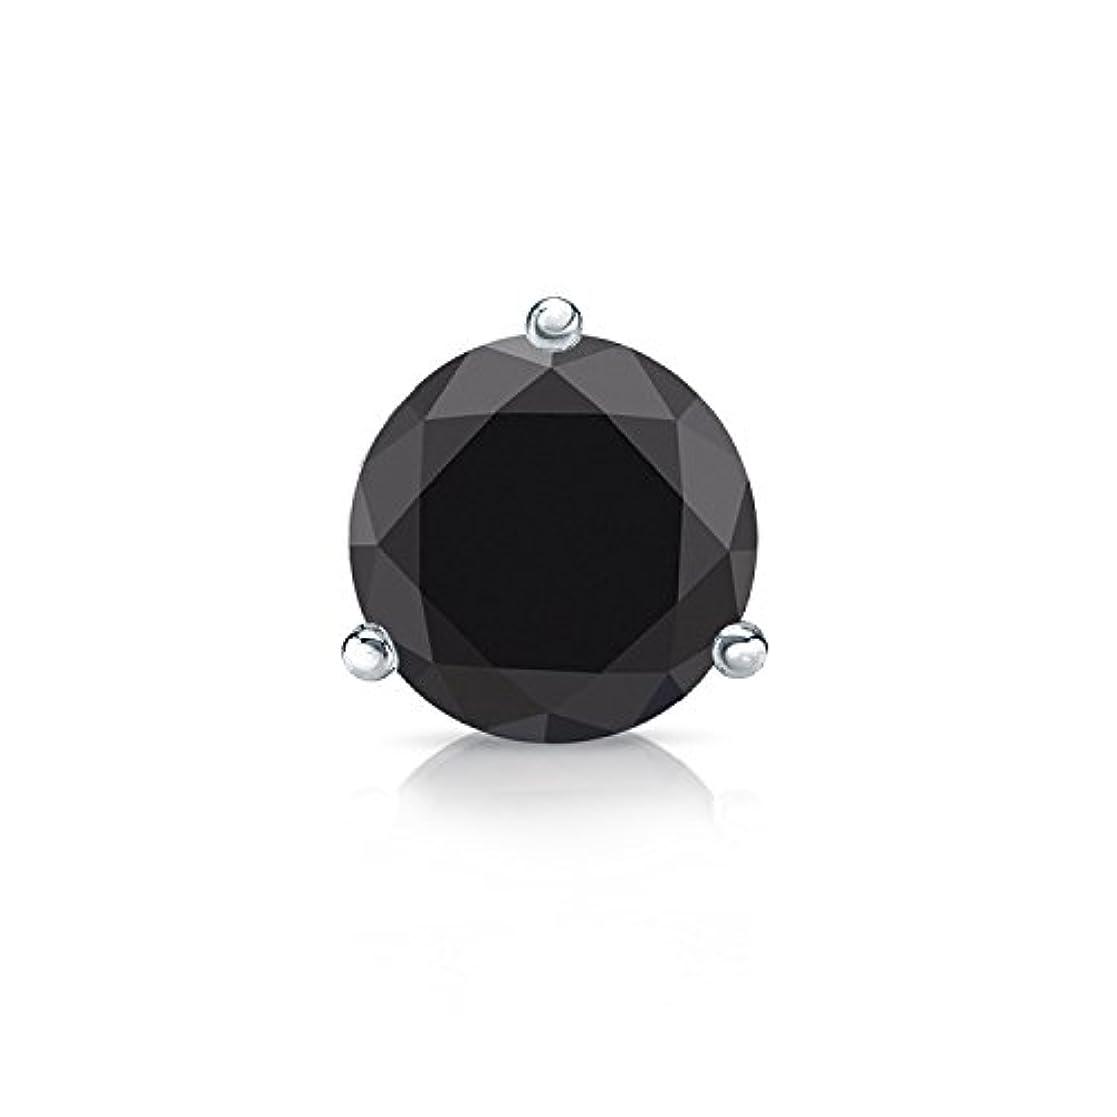 みぞれリングレット解体する14 Kゴールド3-prong Martiniラウンドブラックダイヤモンドメンズシングルスタッドイヤリング( 1 / 4 – 2 ct、ブラック) SLB